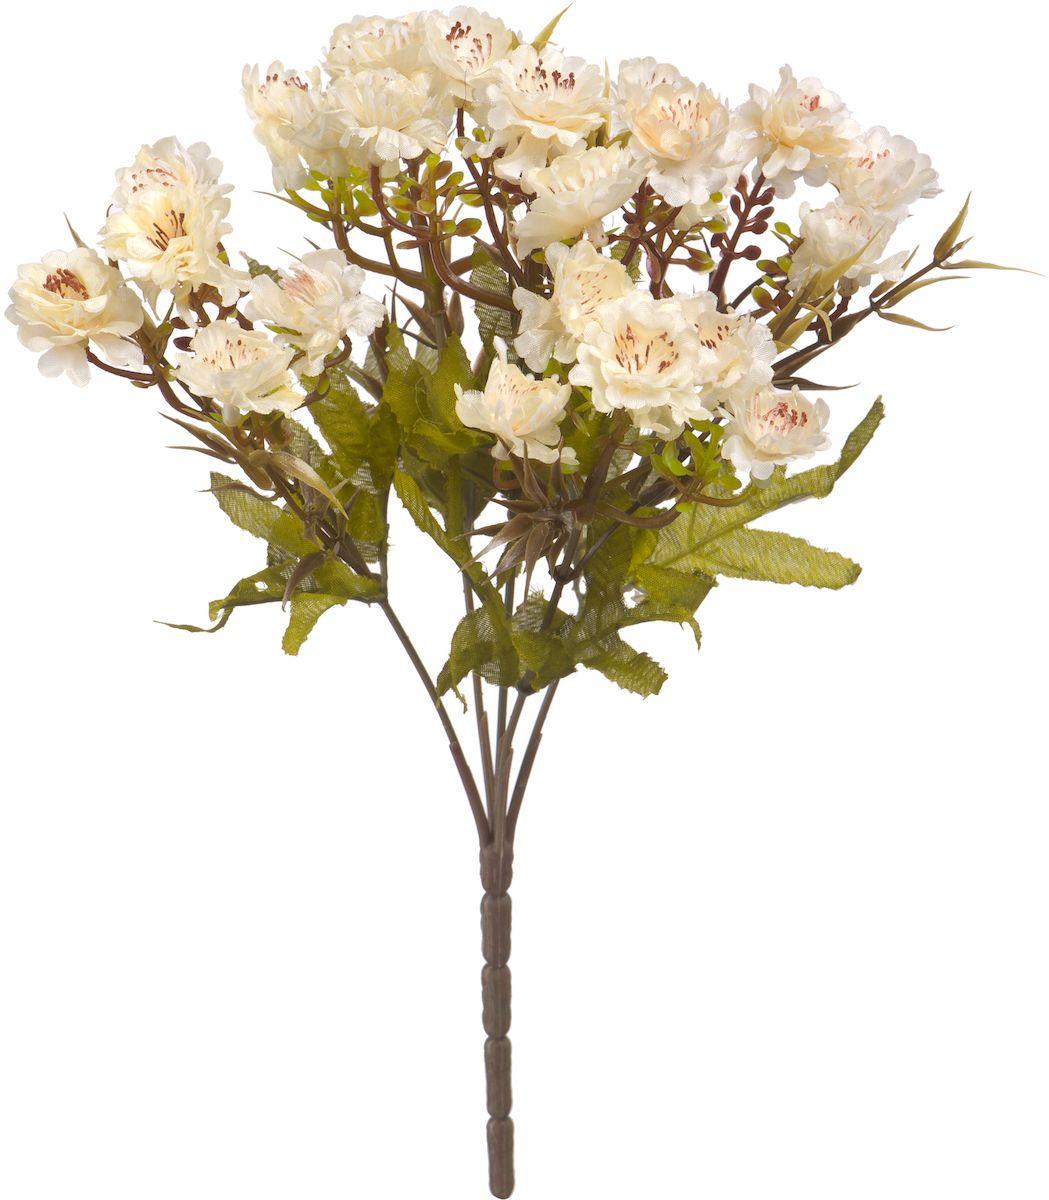 Цветы искусственные Engard Хризантема, цвет: белый, высота 30 смE4-248BИскусственные цветы Engard - это популярное дизайнерское решение для создания природного колорита и индивидуальности в интерьере. Декоративный букет хризантем из пяти цветков белого цвета выглядит довольно реалистично, нежно и является достойной альтернативой натуральным цветам. Хризантемы имеют идеально собранную форму. Не требует постоянного ухода. Высота: 30 см.